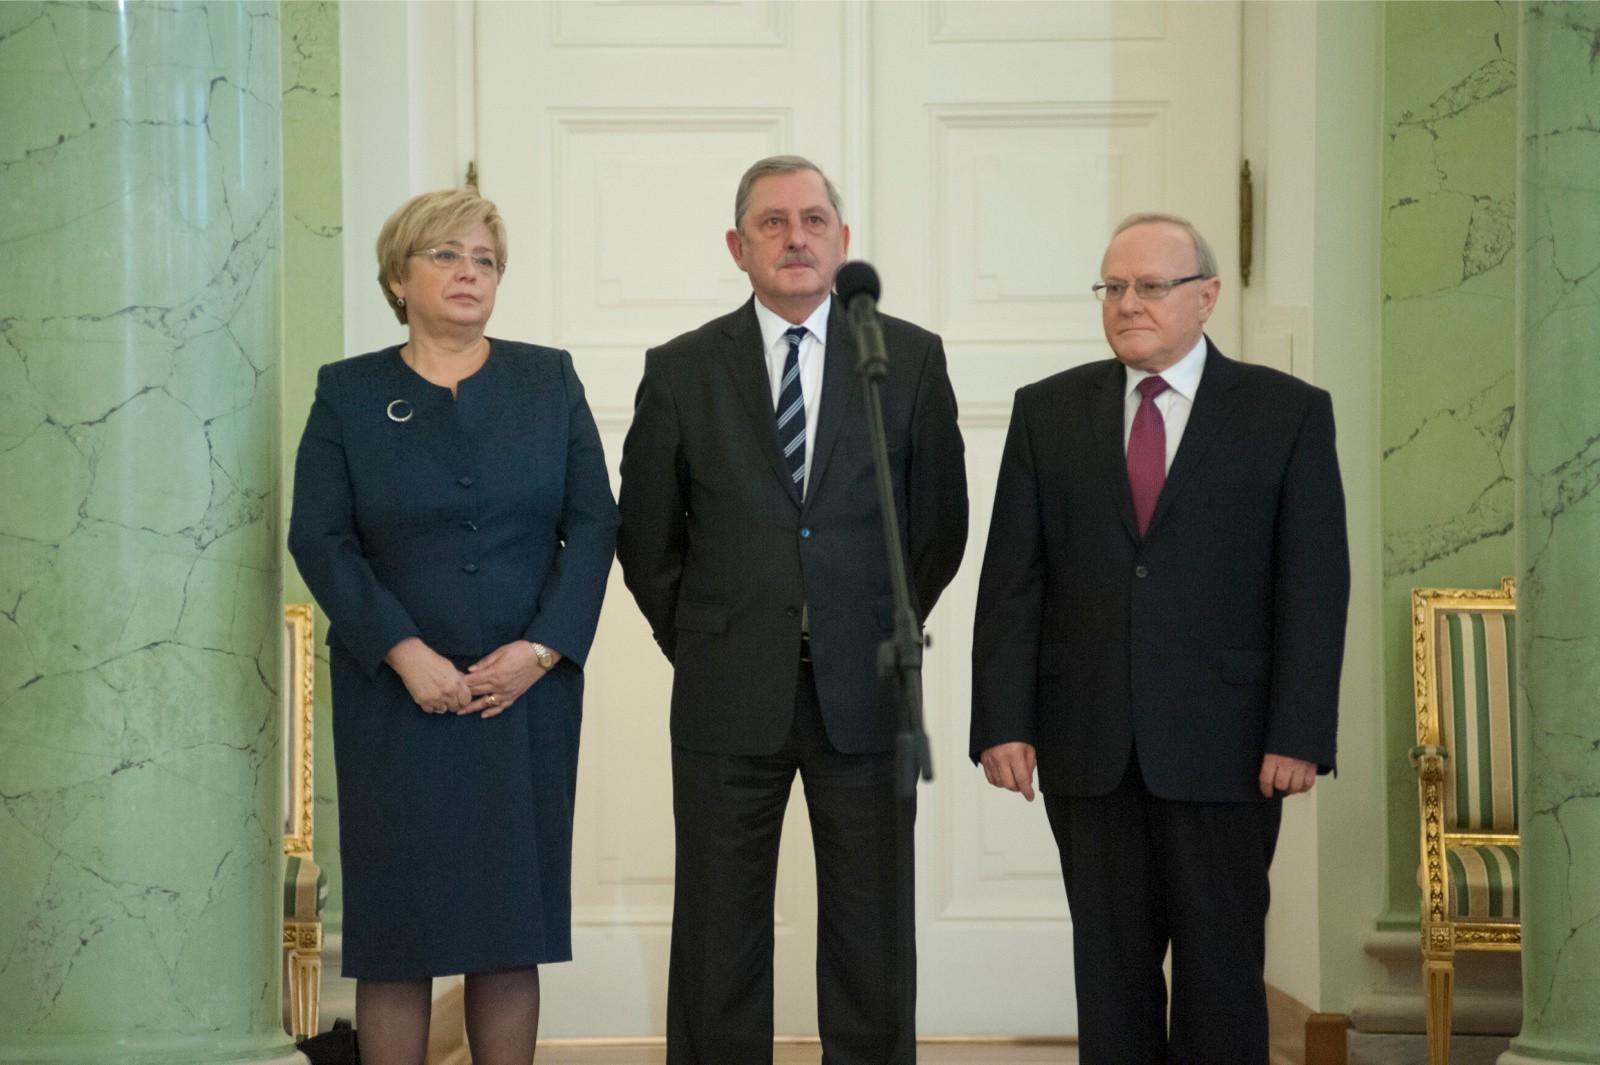 b9519ab4dd Prezes Trybunału Konstytucyjnego Julia Przyłębska powiedziała